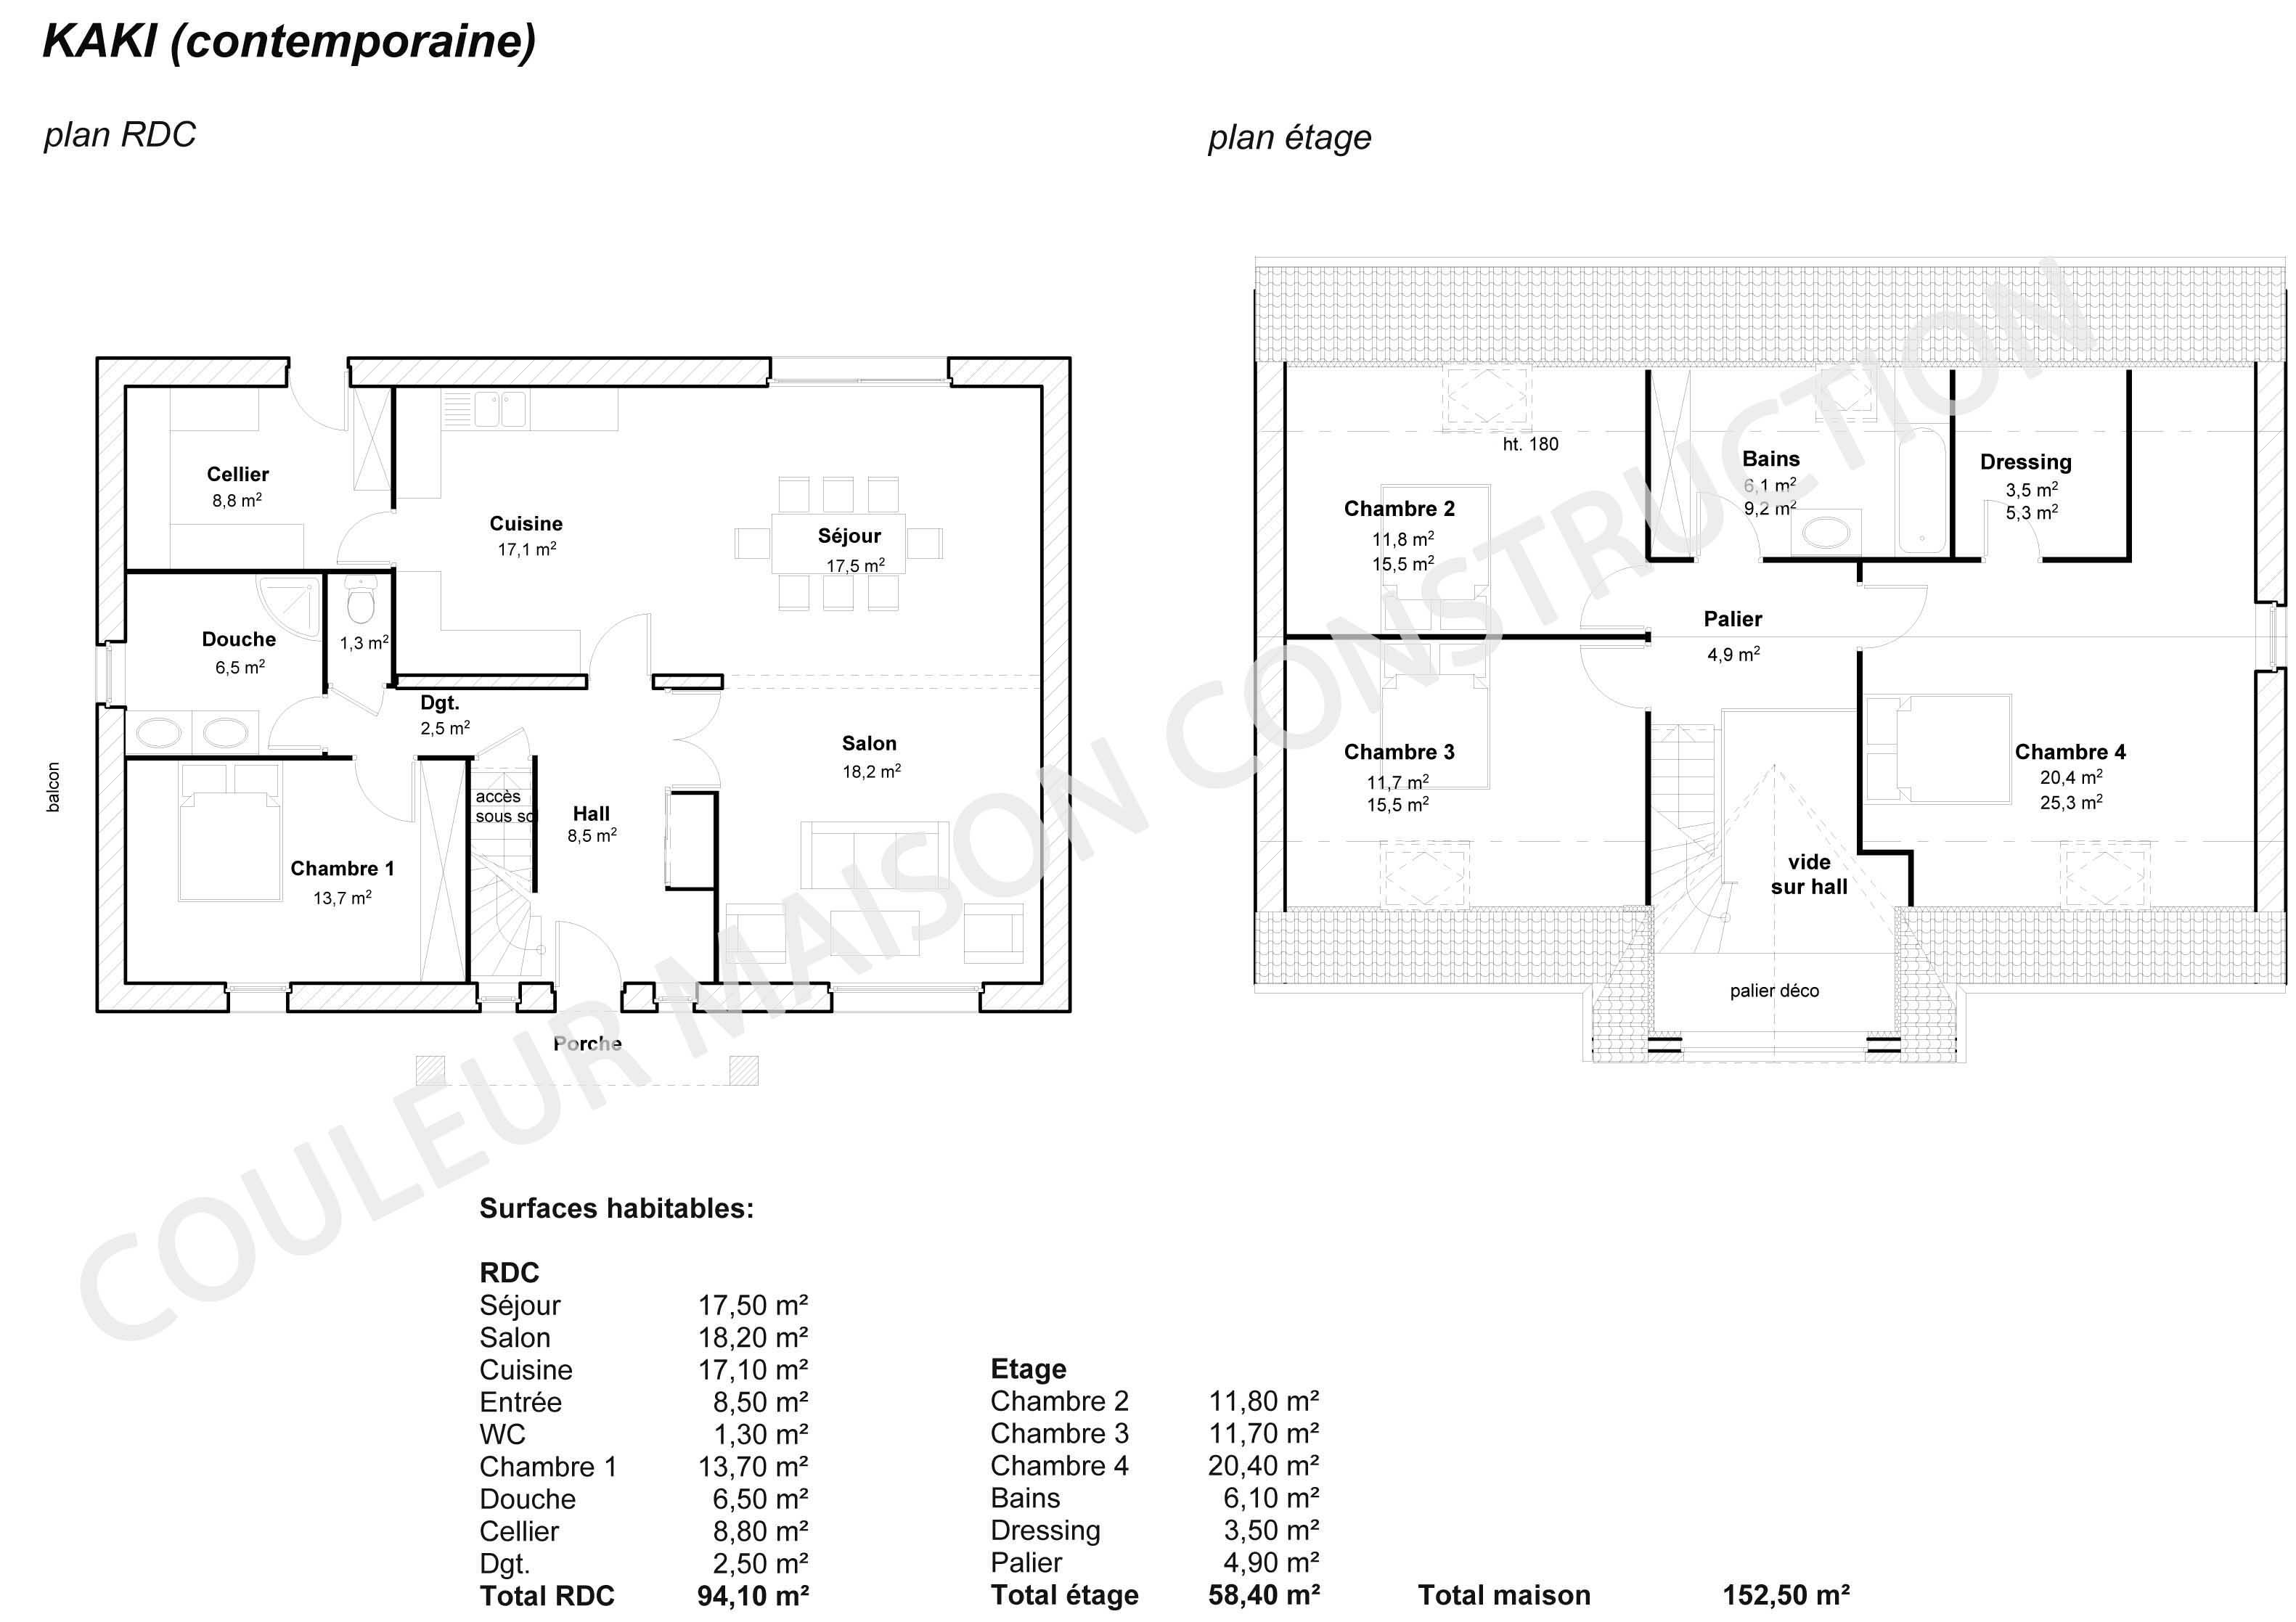 Couleur maison construction le plan de maison de notre modele kaki contemporaine for Exemple plan de maison